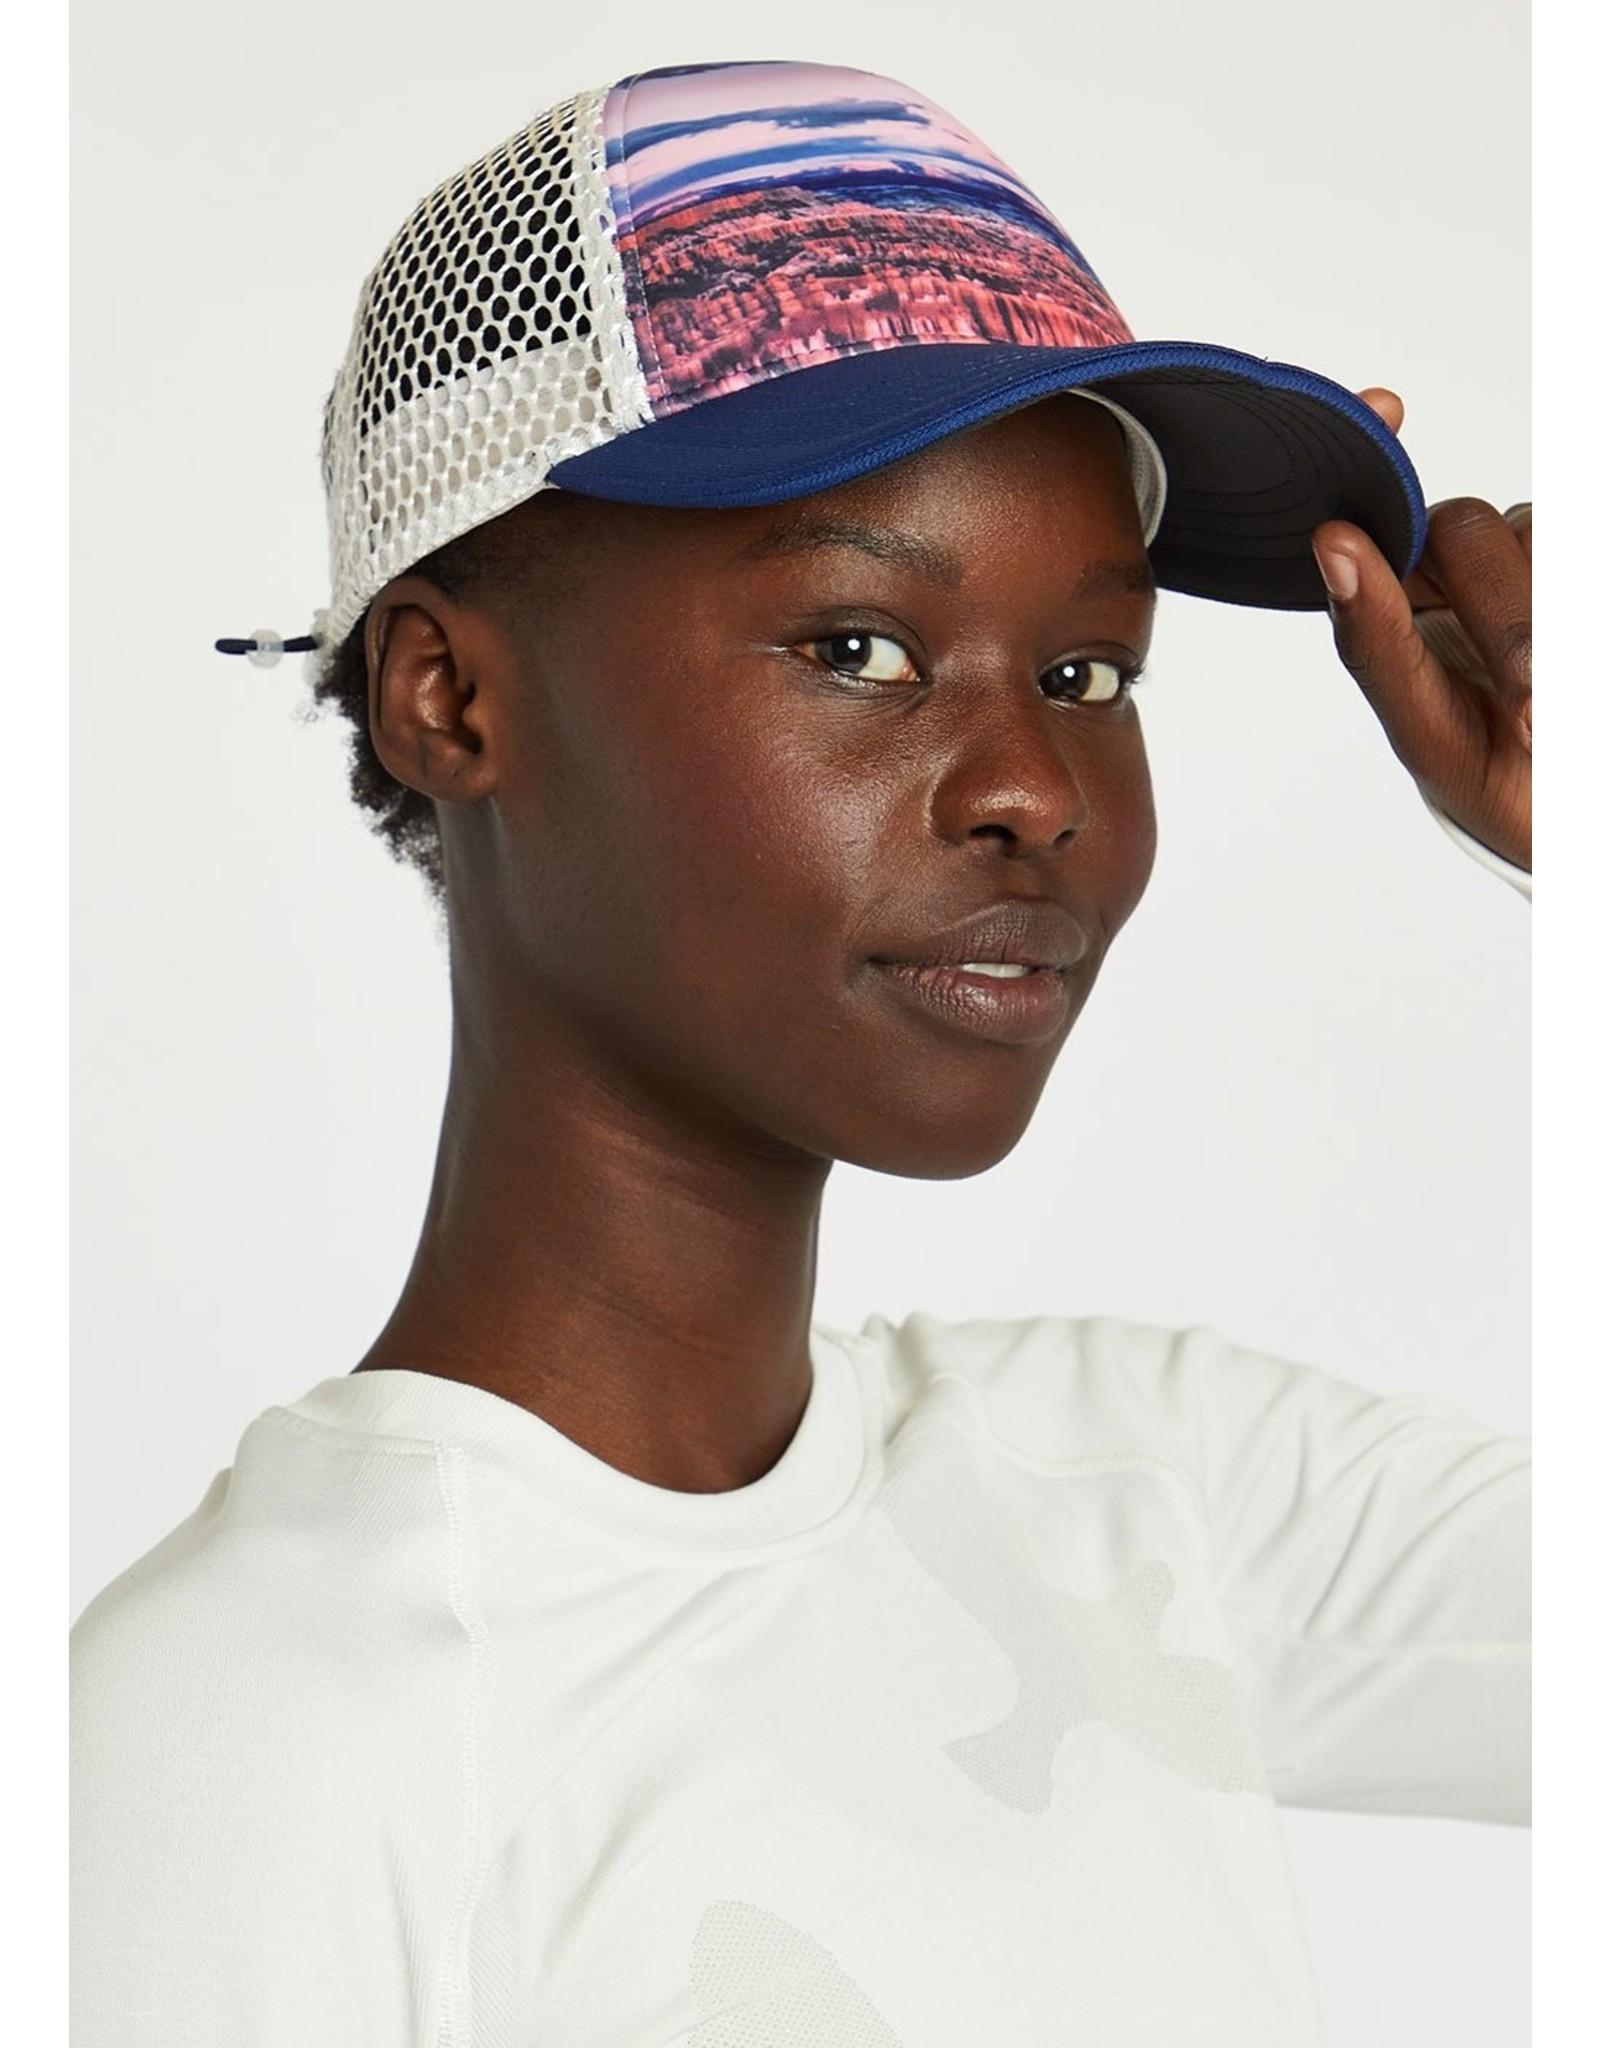 Oiselle S21 Runner Trucker Hat